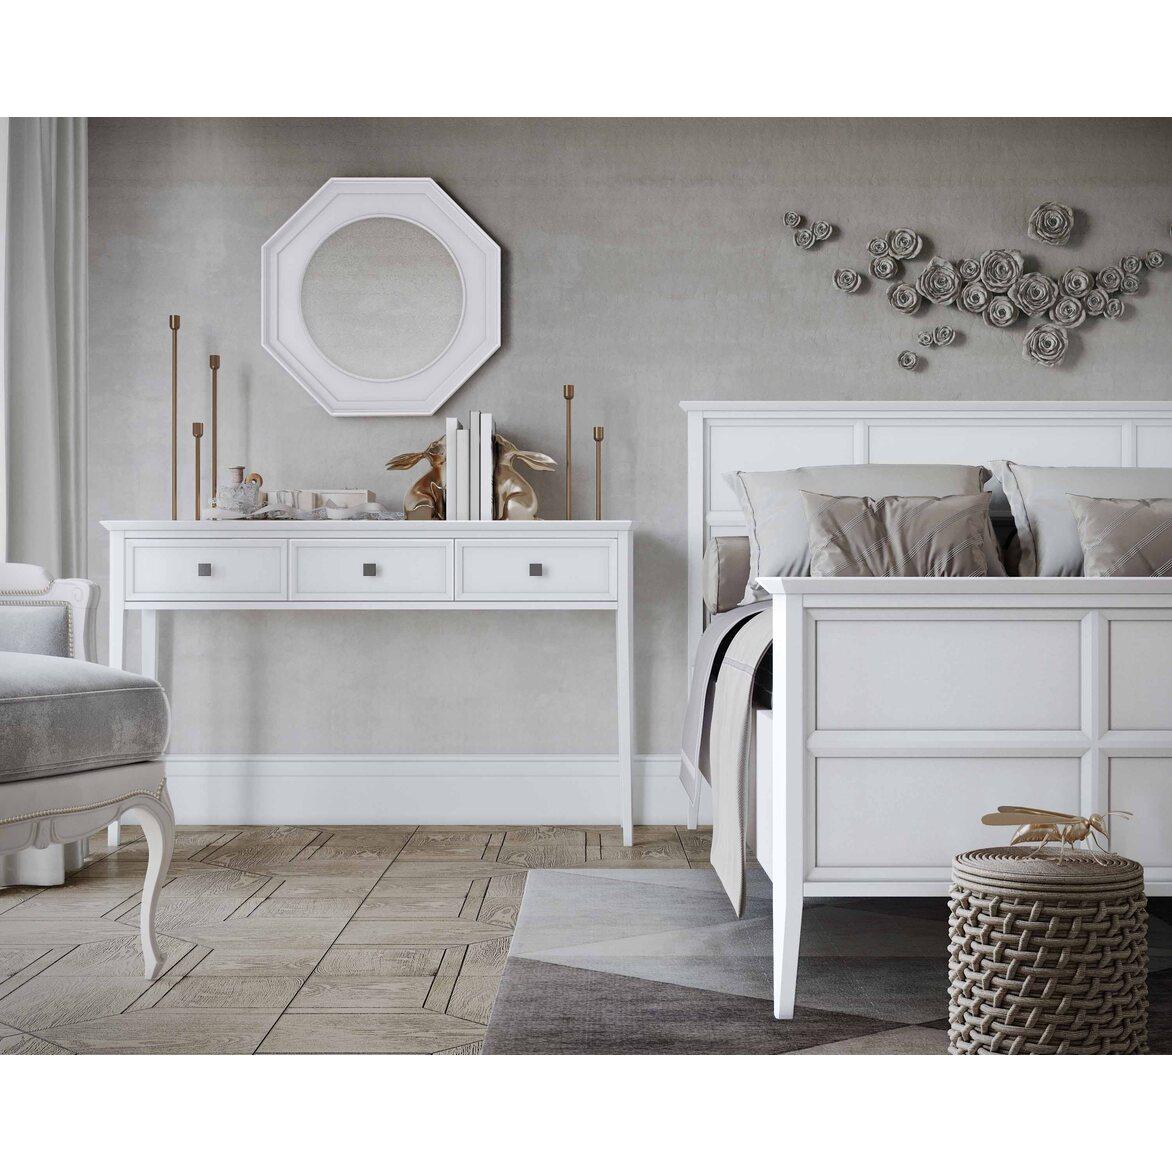 Кровать 160*200 Ellington, белая 5 | Двуспальные кровати Kingsby